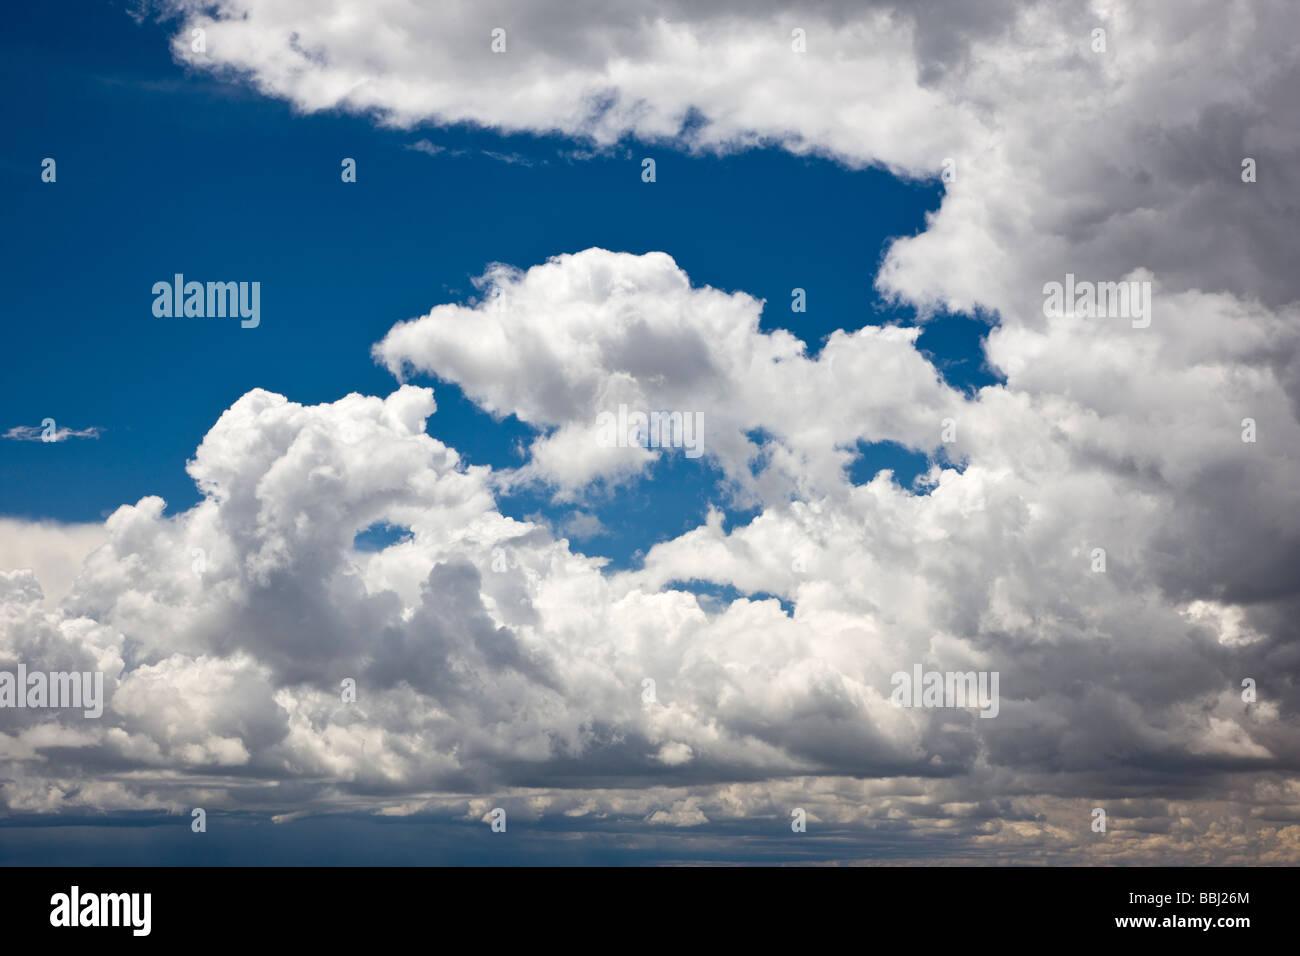 Hinchadas nubes cumulous blanca contra un cielo azul claro Cerro Cumbre Highway 50 East de Montrose, Colorado, EE.UU. Foto de stock